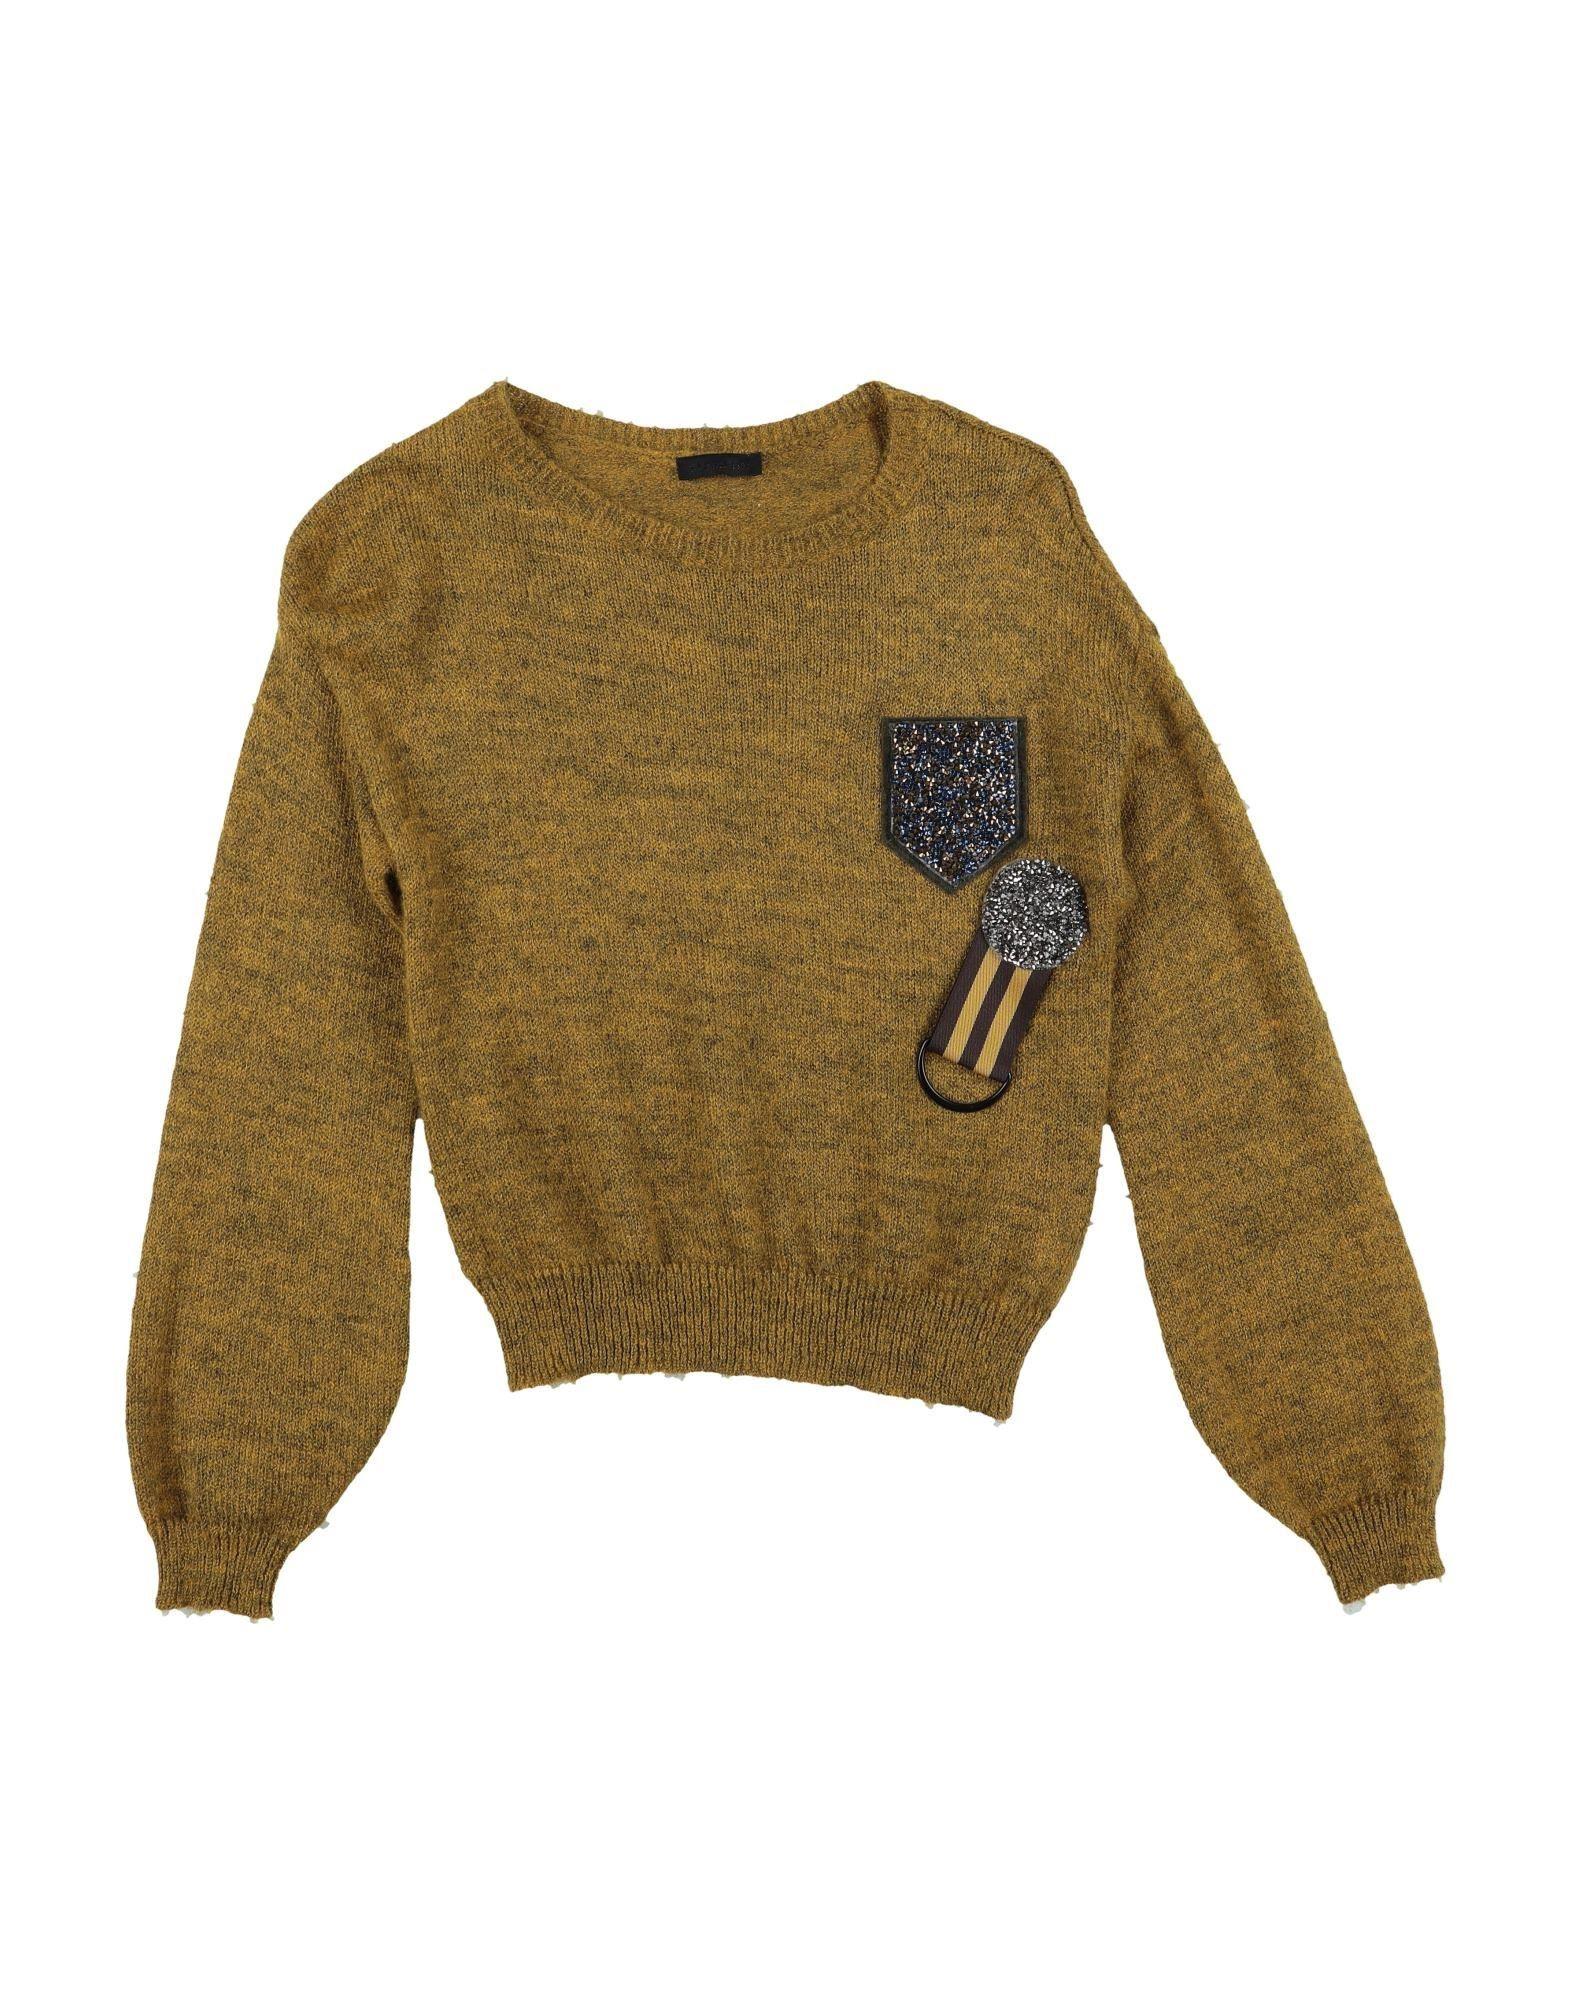 FUN & FUN Sweaters - Item 14135549